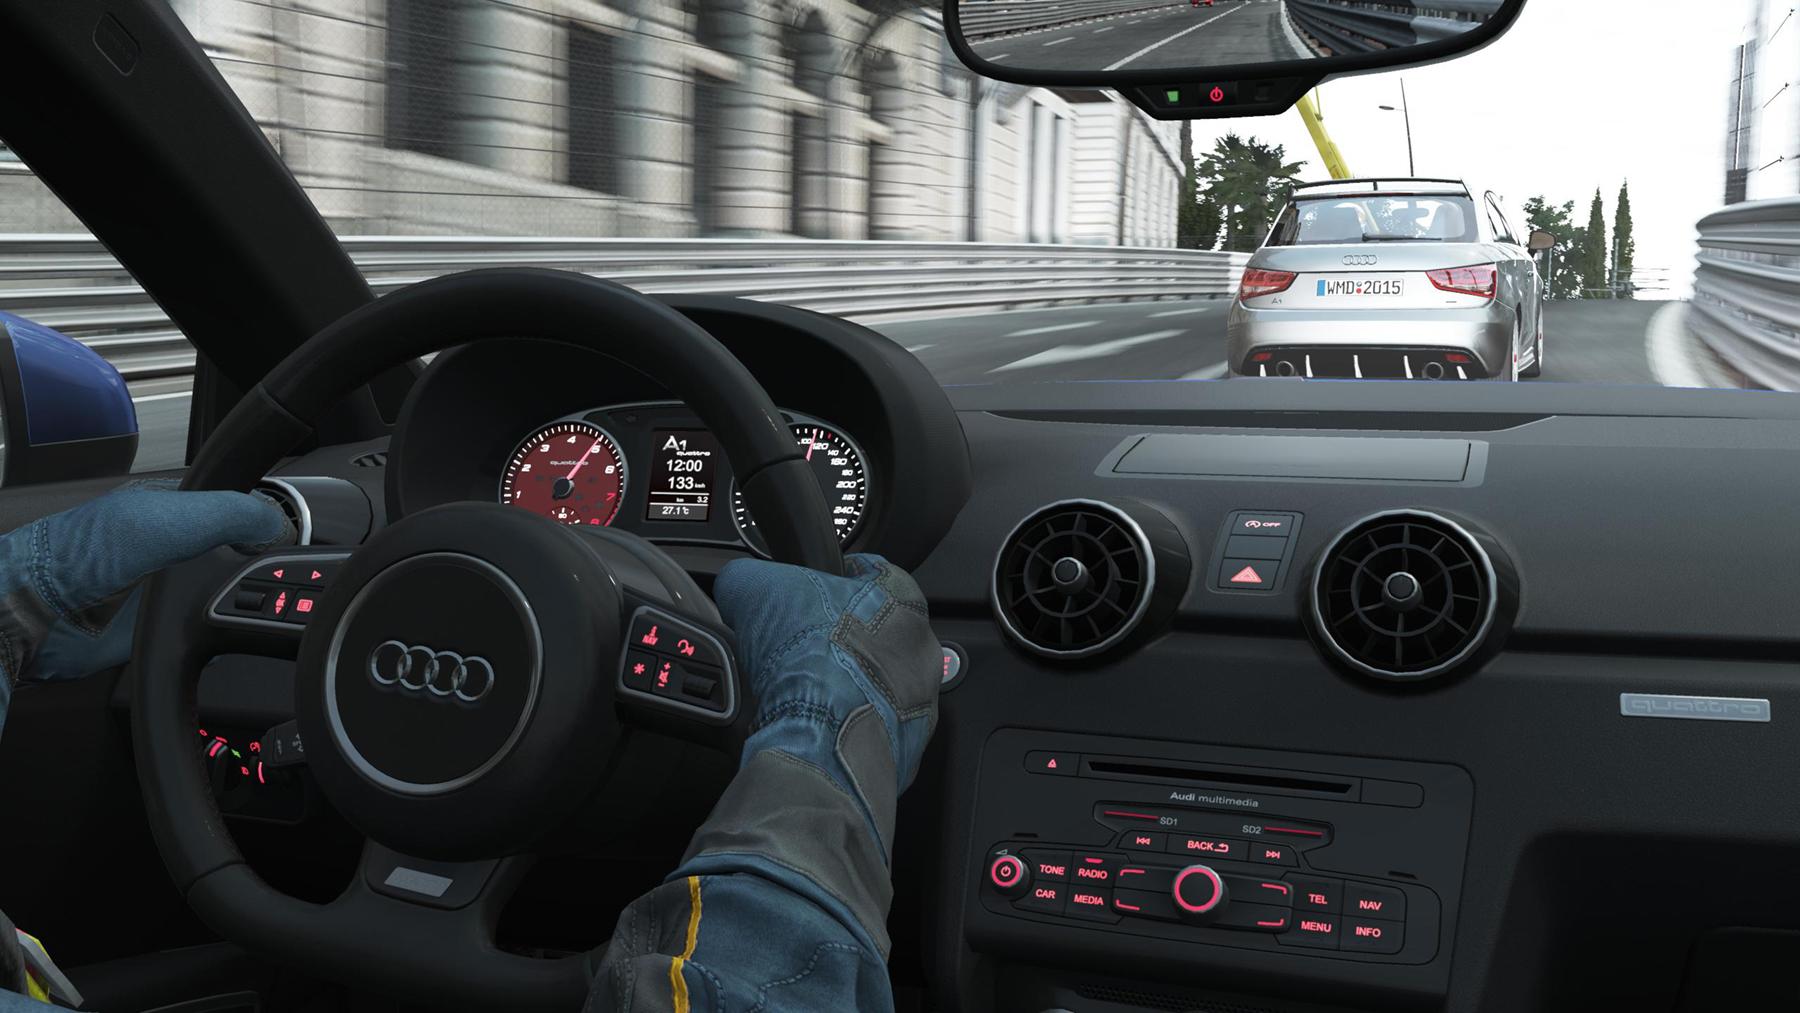 Project Cars dostal nový okruh a vozy značky Audi 111690